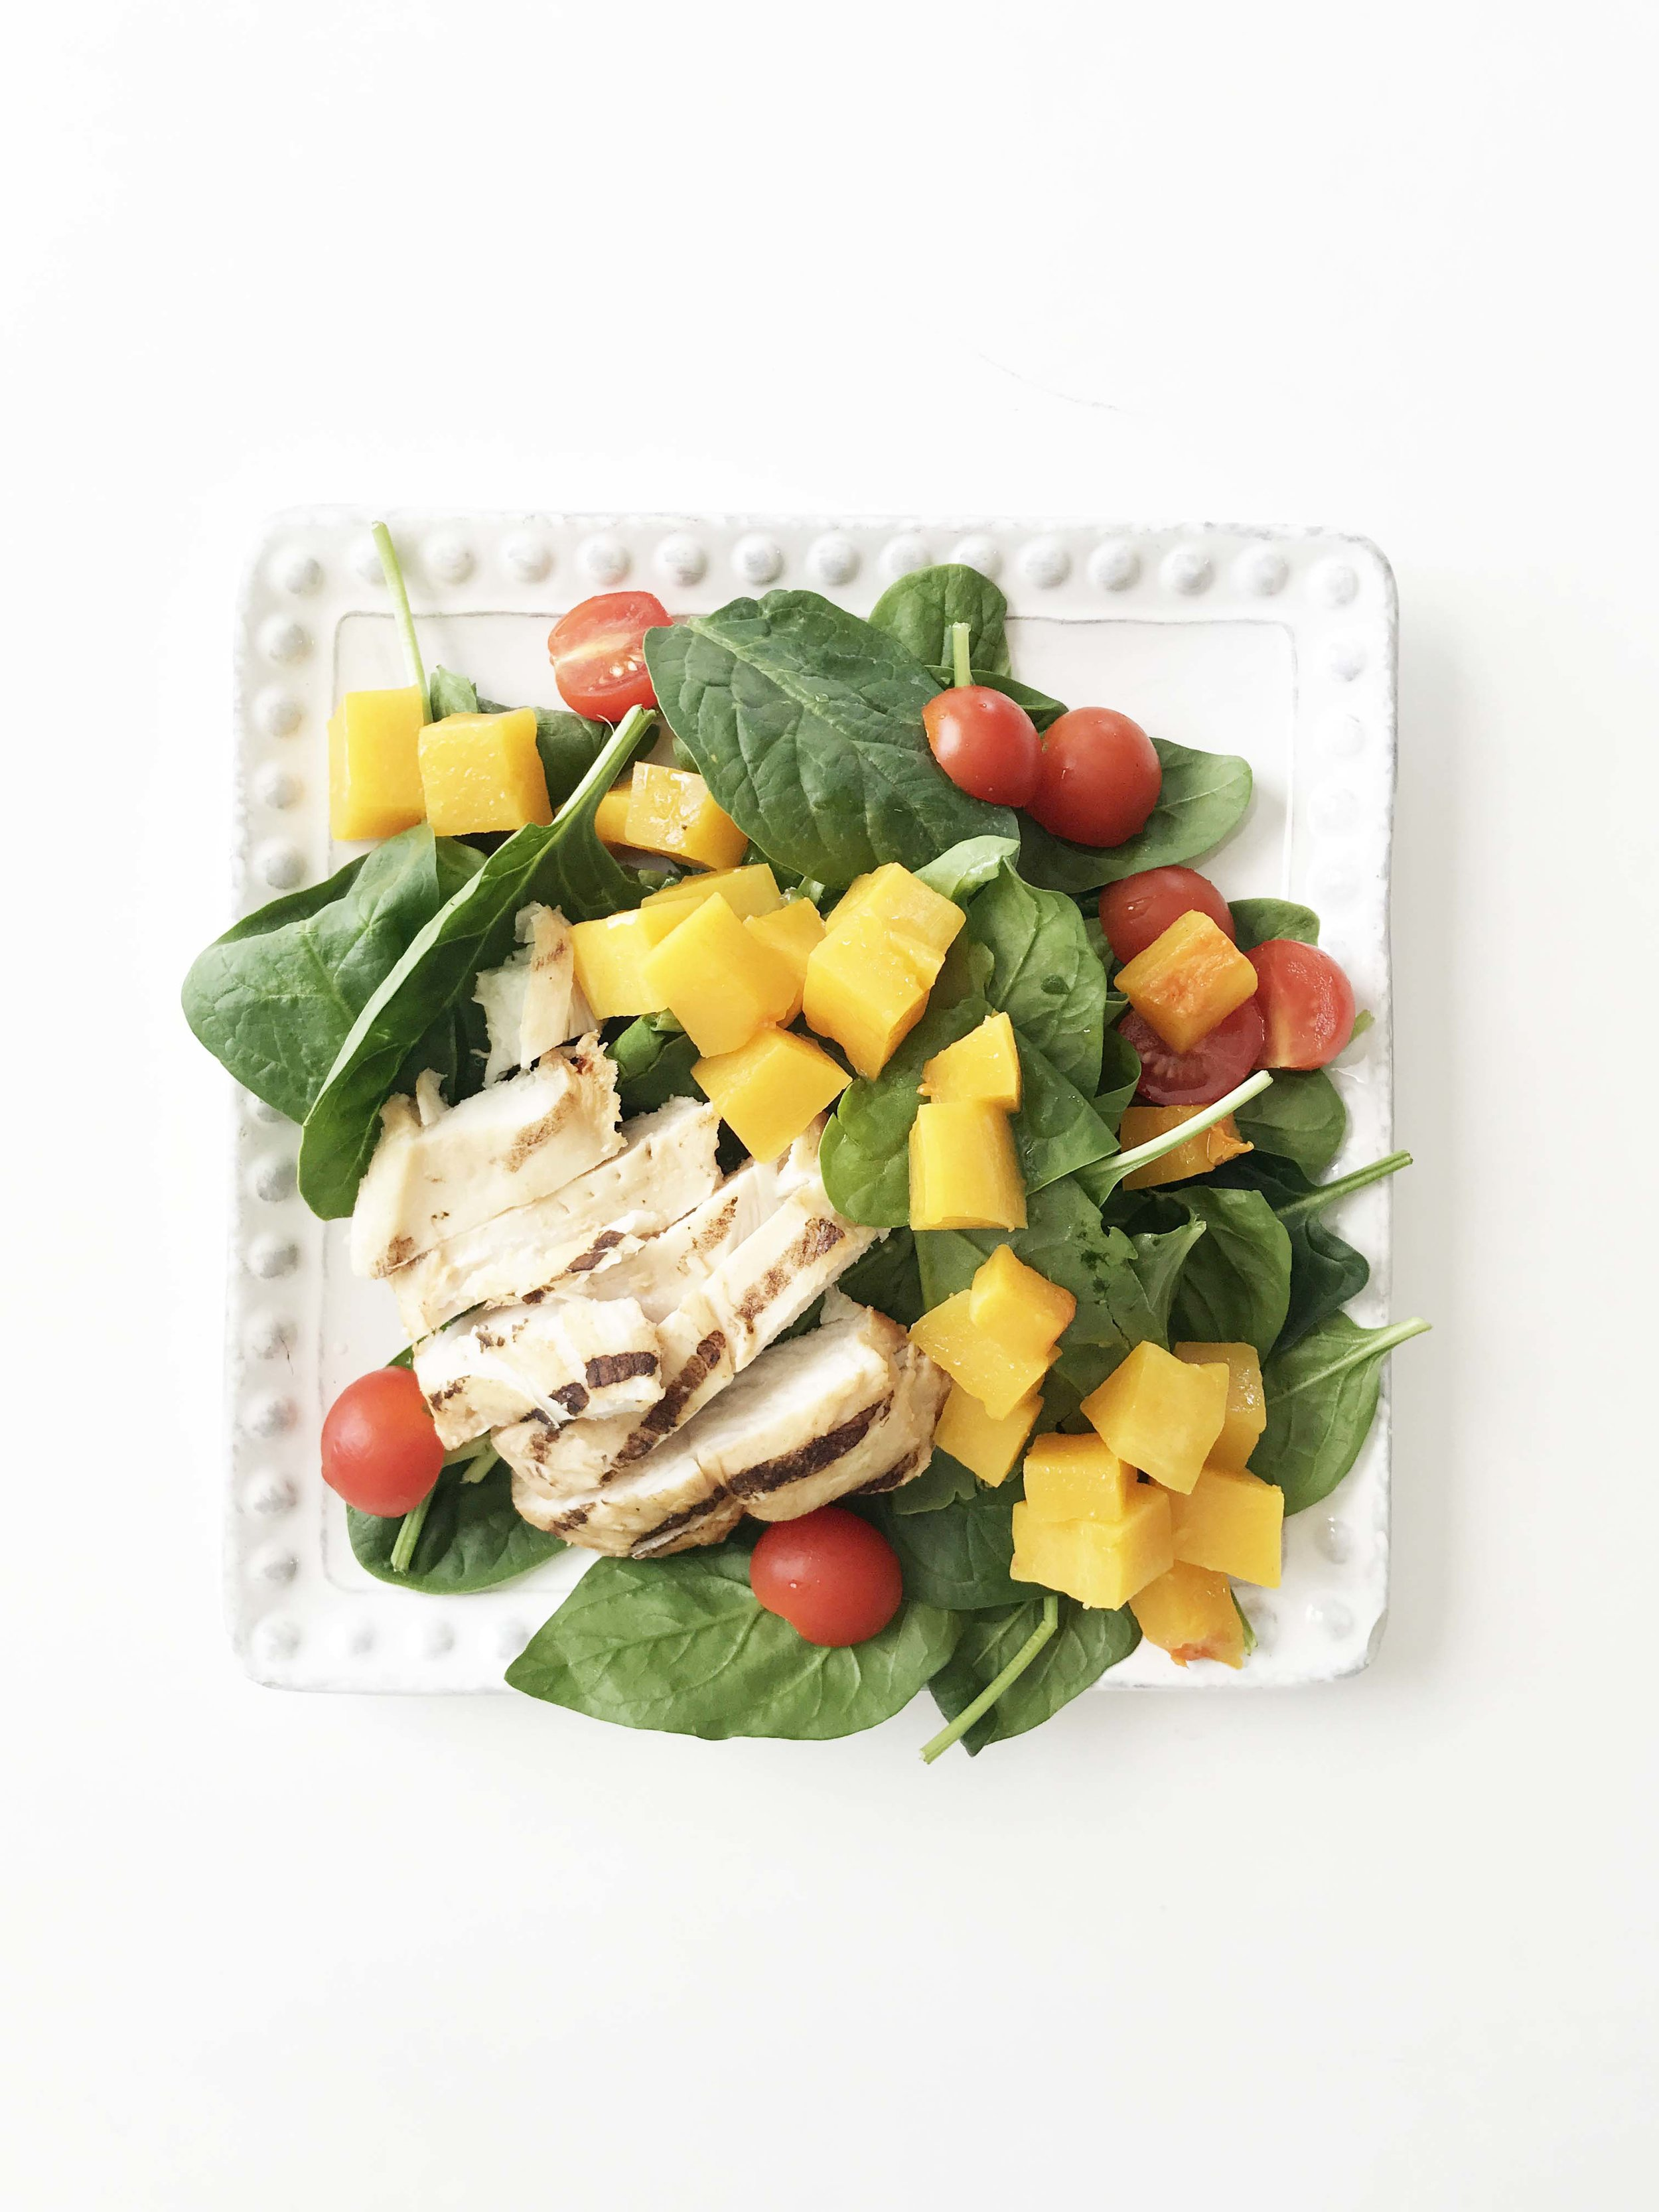 fall-harvest-salad3.jpg